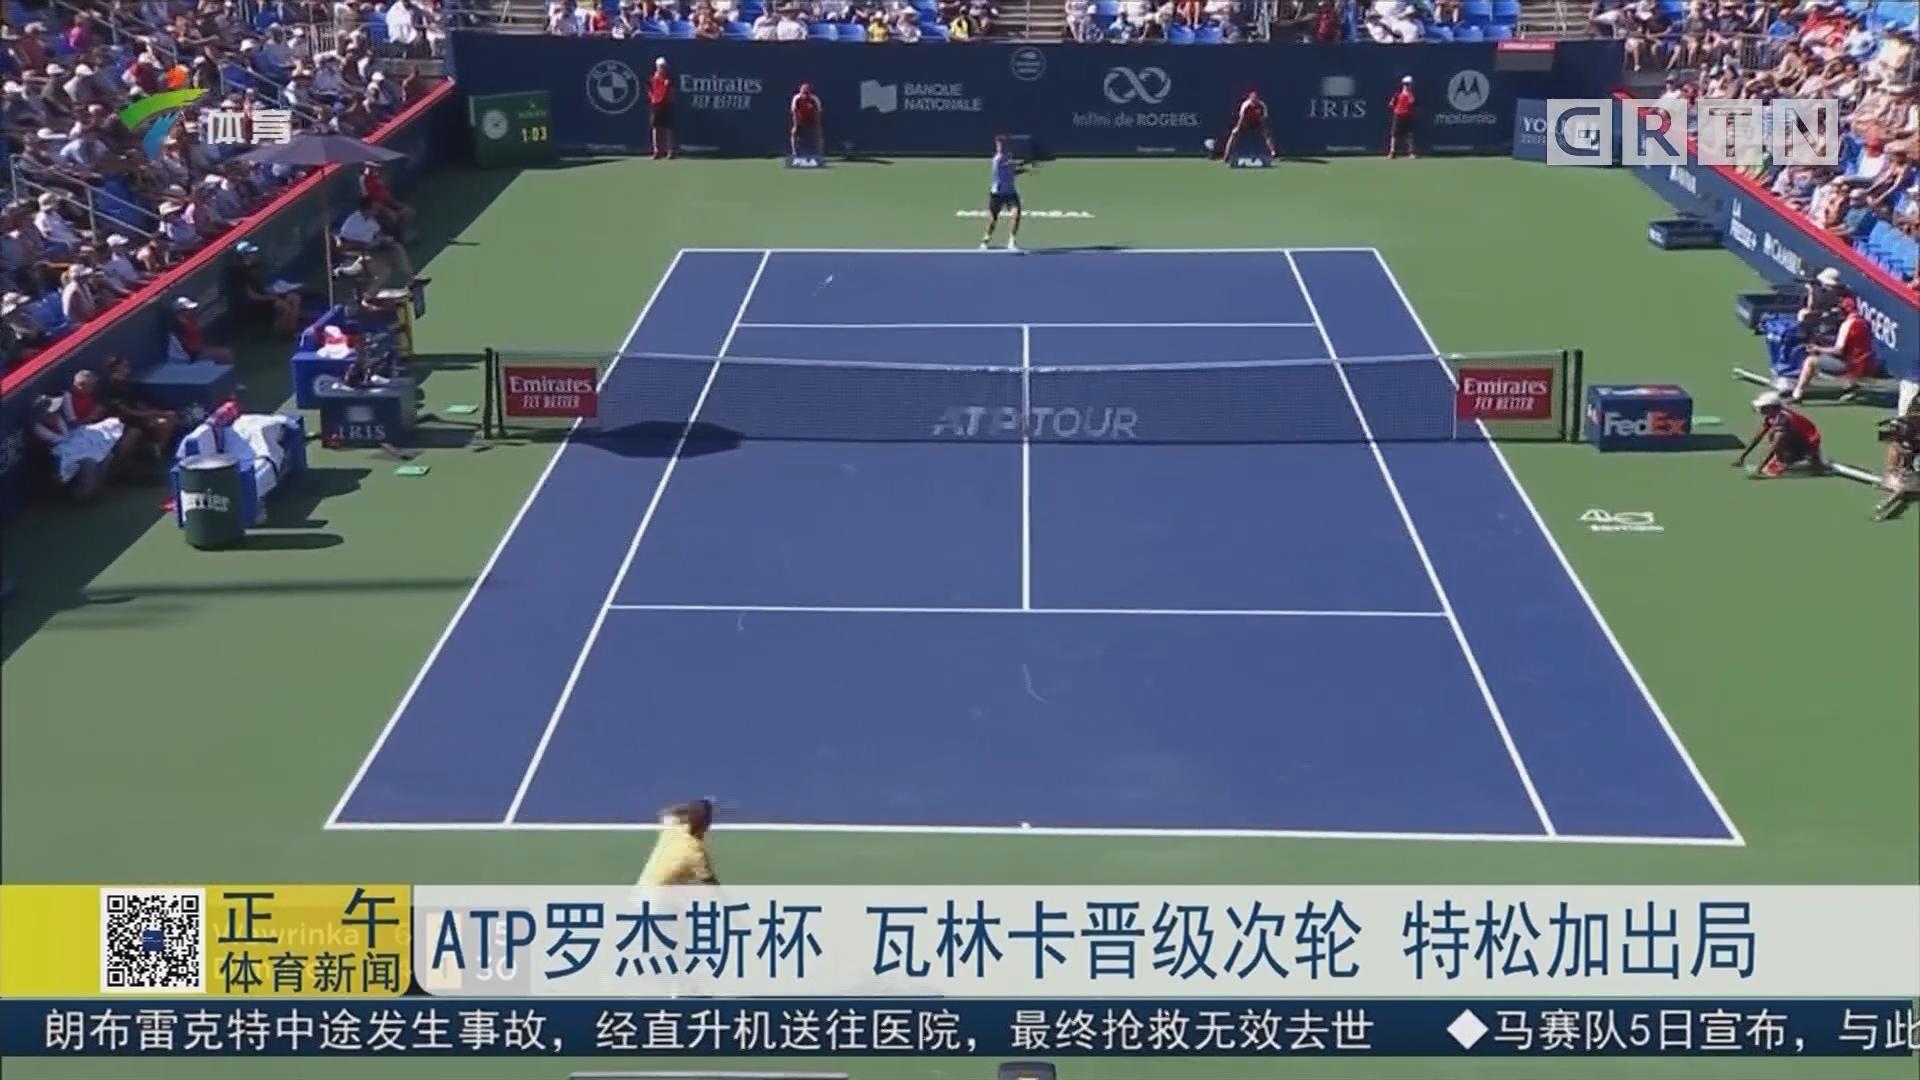 ATP罗杰斯杯 瓦林卡晋级次轮 特松加出局